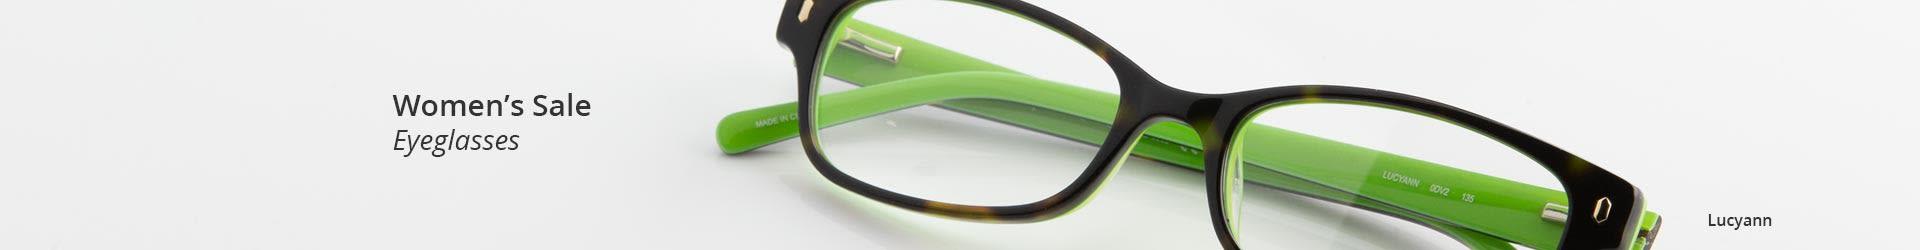 Women's Eyeglasses Sale